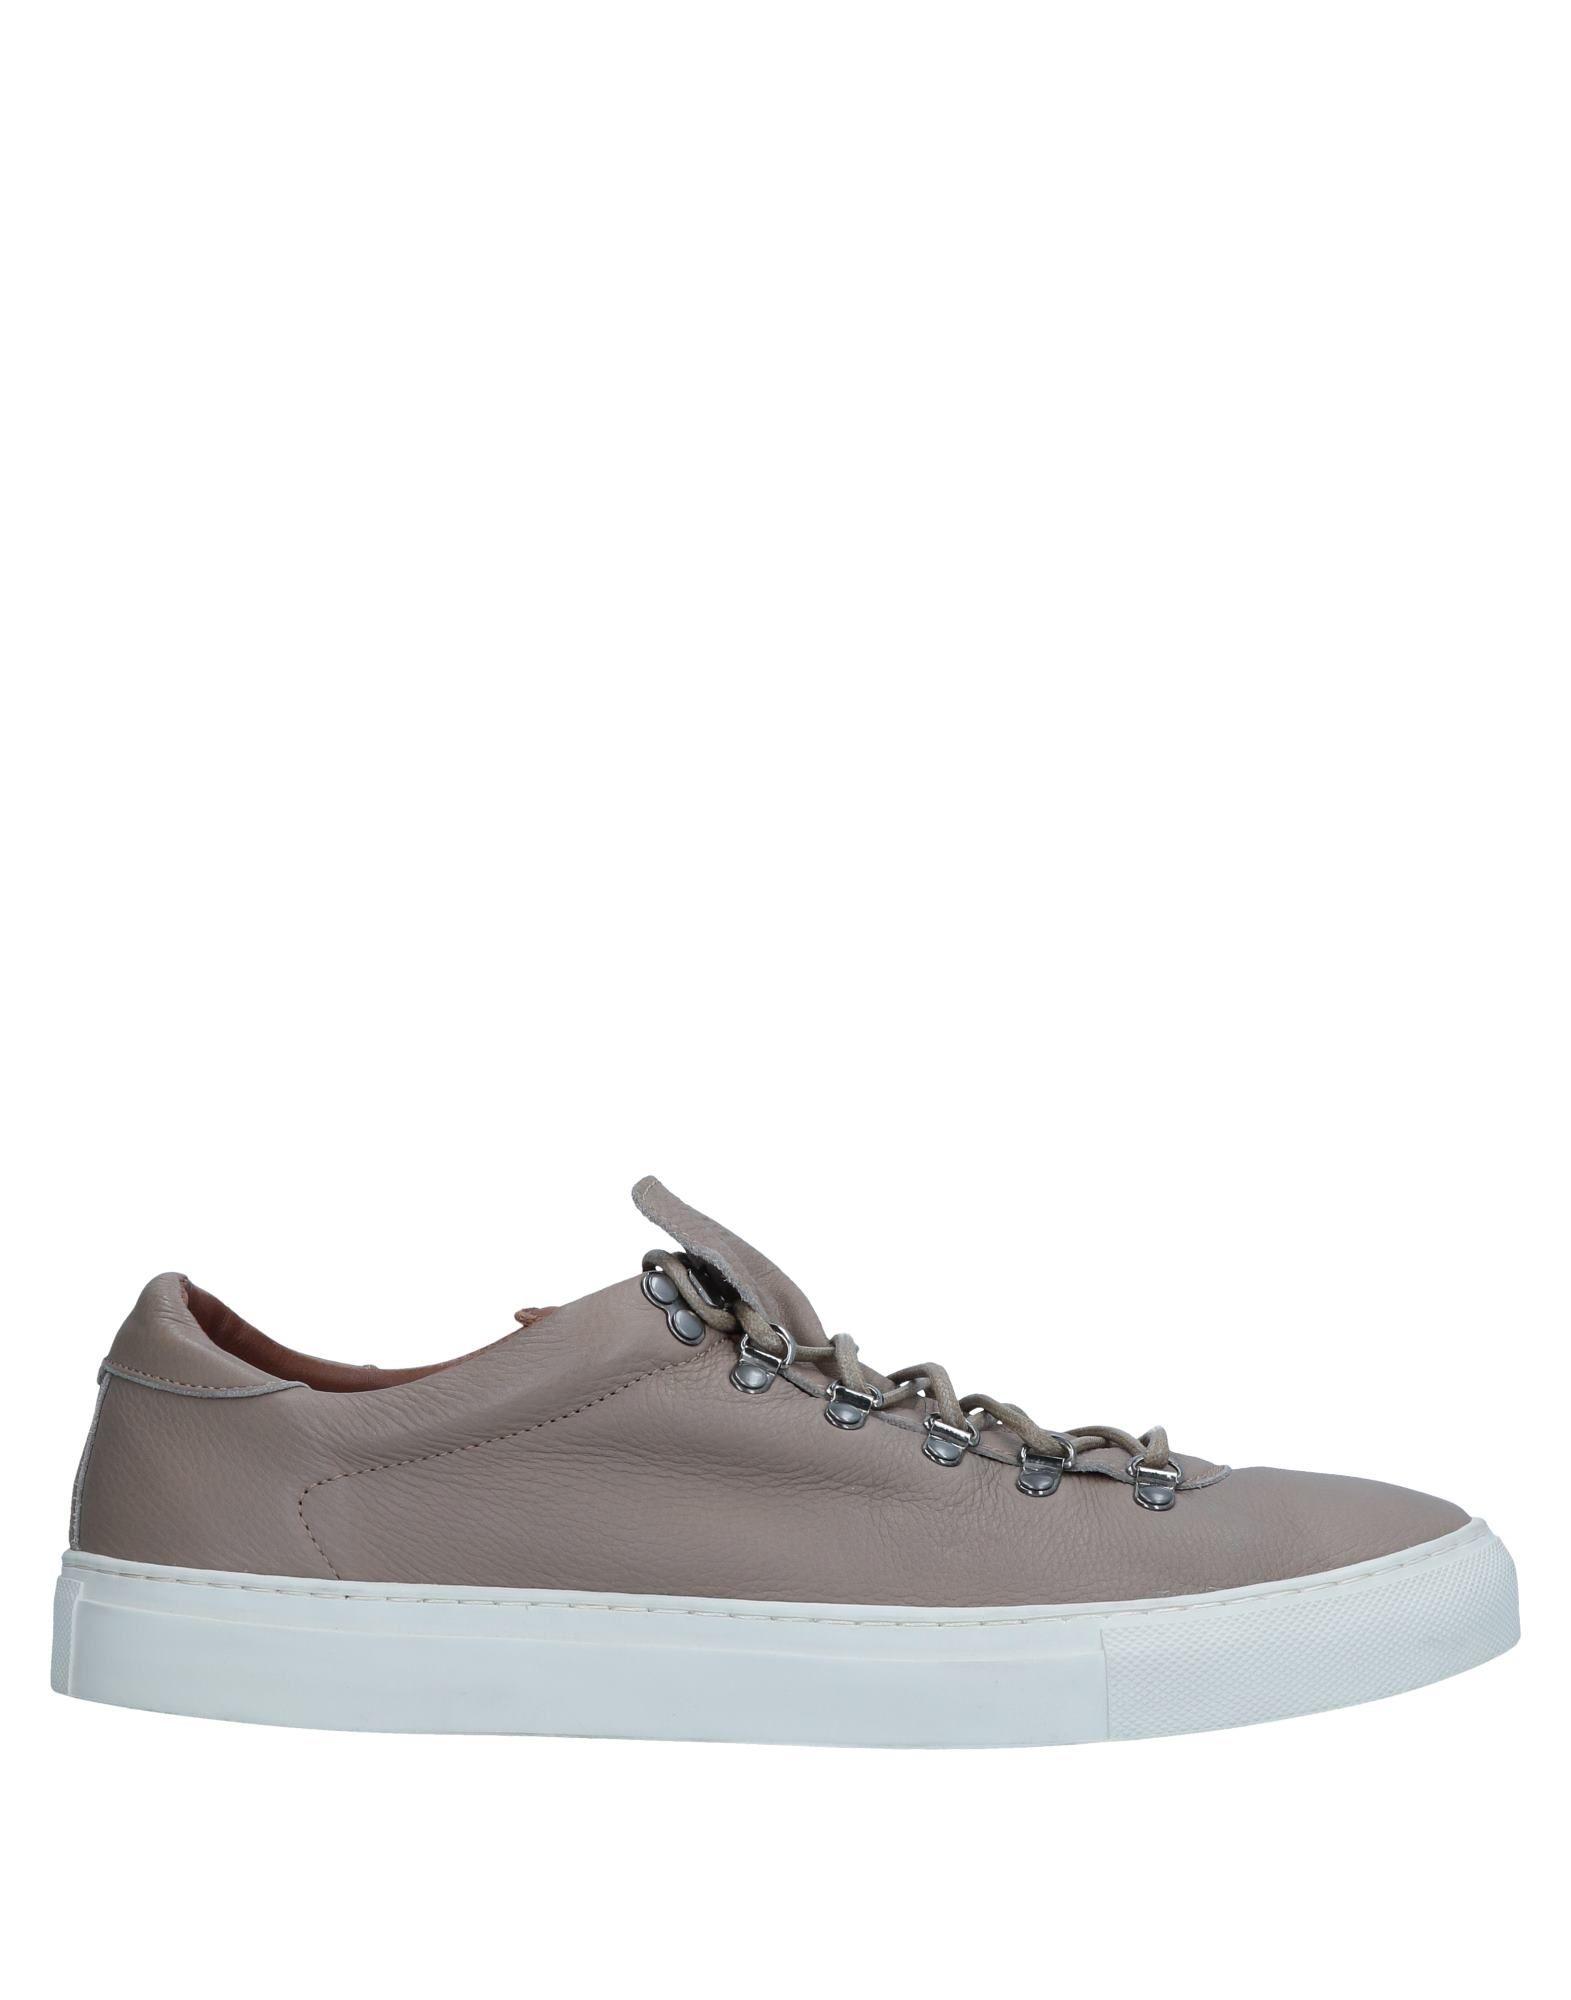 Diemme 11223835VM Sneakers Herren  11223835VM Diemme Gute Qualität beliebte Schuhe bb9adf